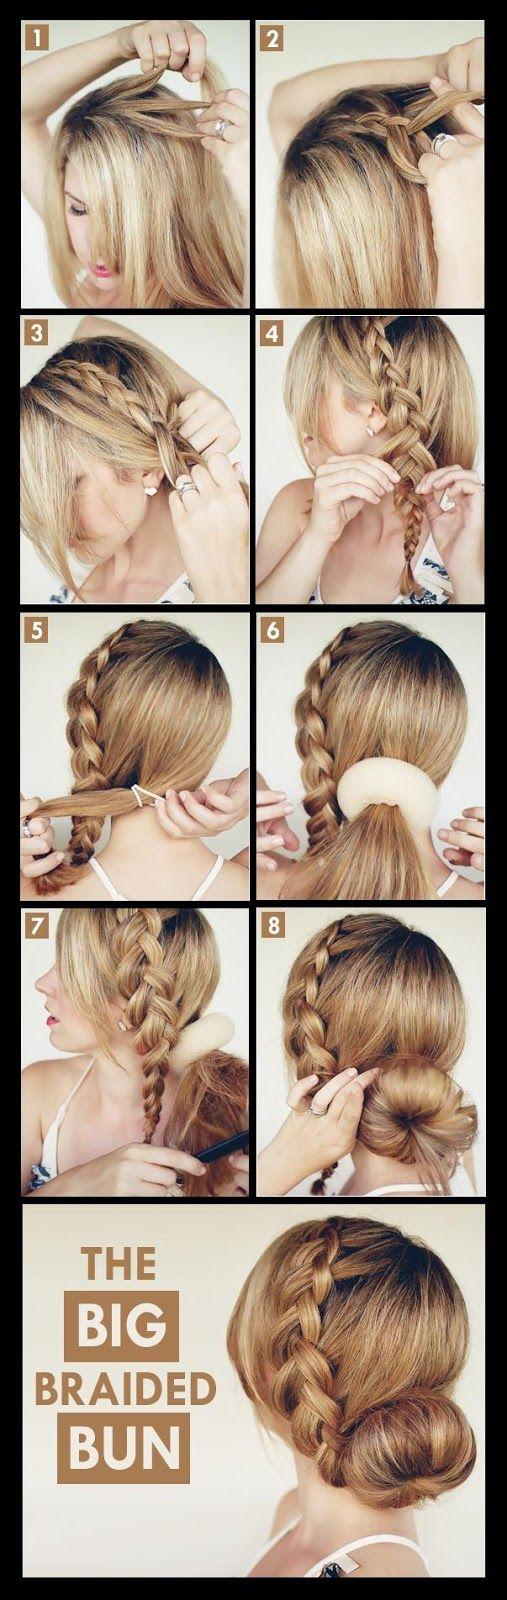 Make a big braided bun for your self hairstyles tutorial hairrr